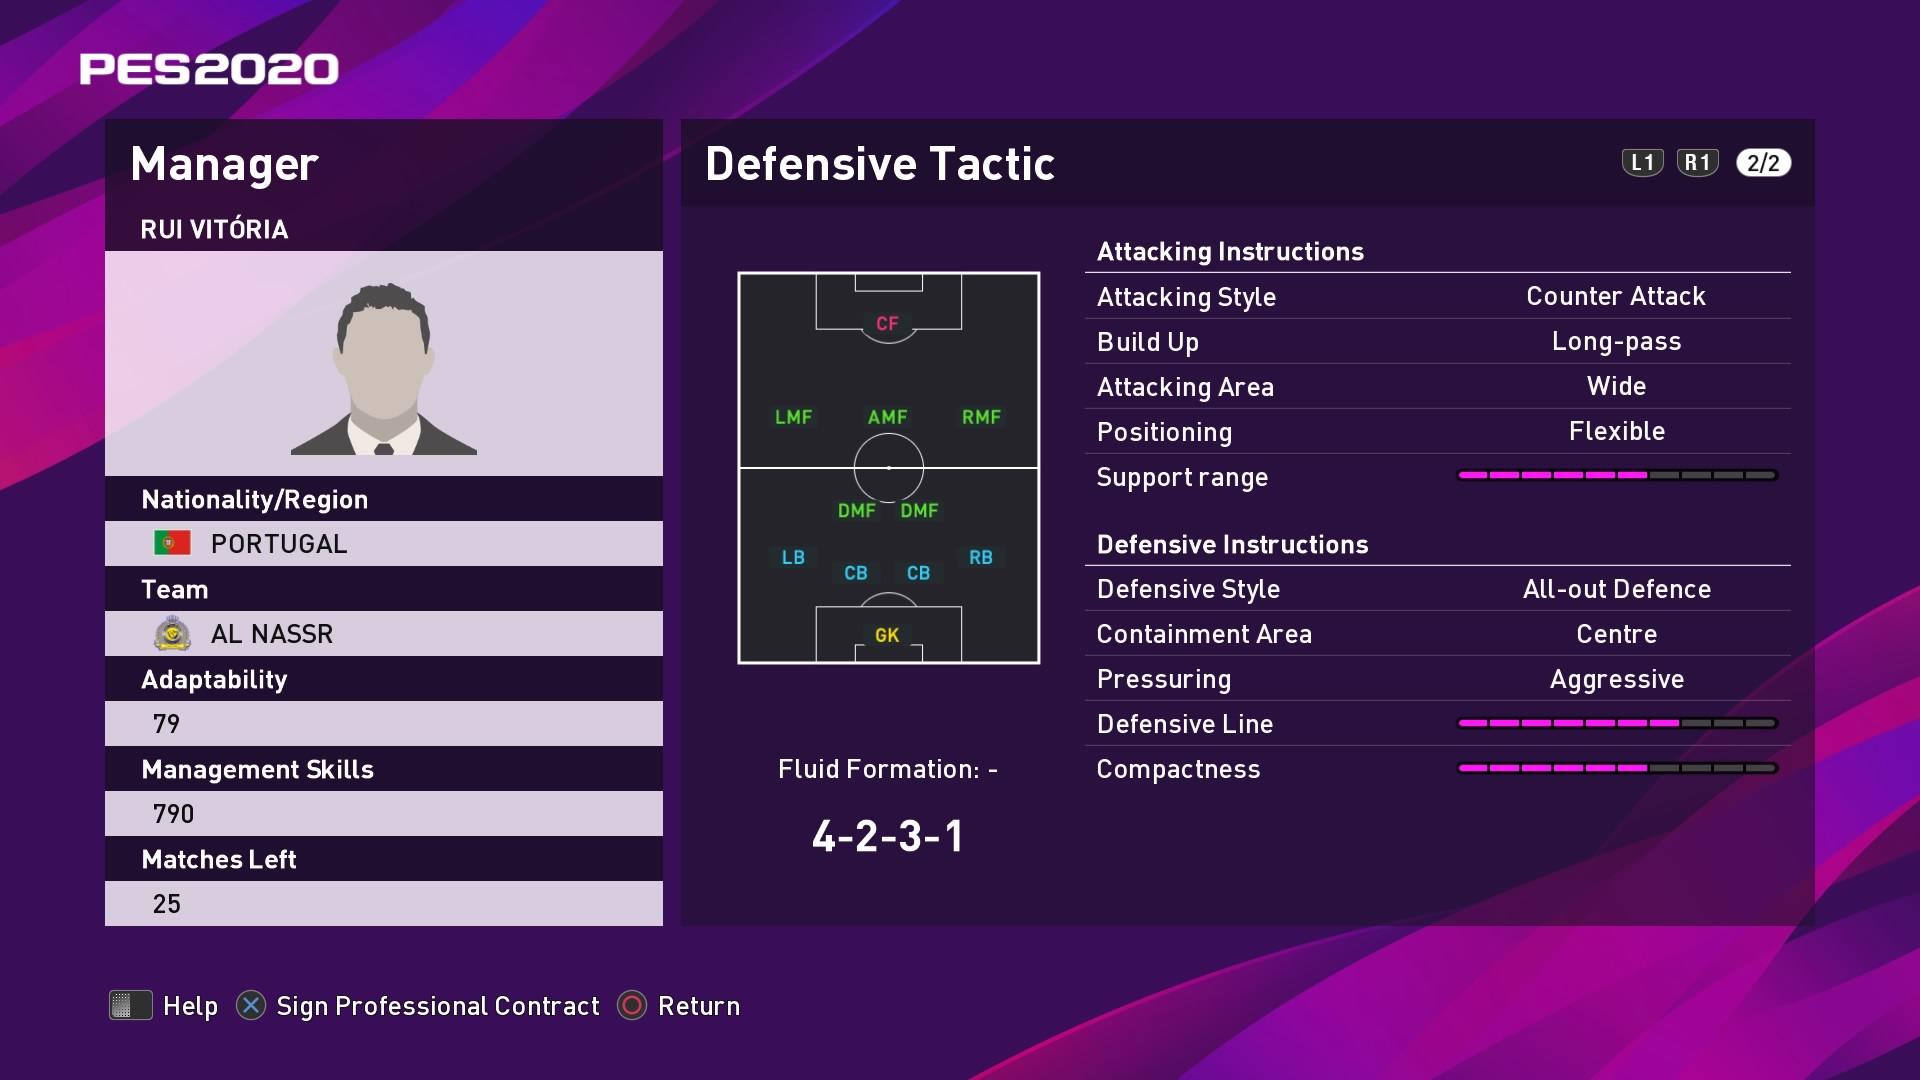 Rui Vitória Defensive Tactic in PES 2020 myClub